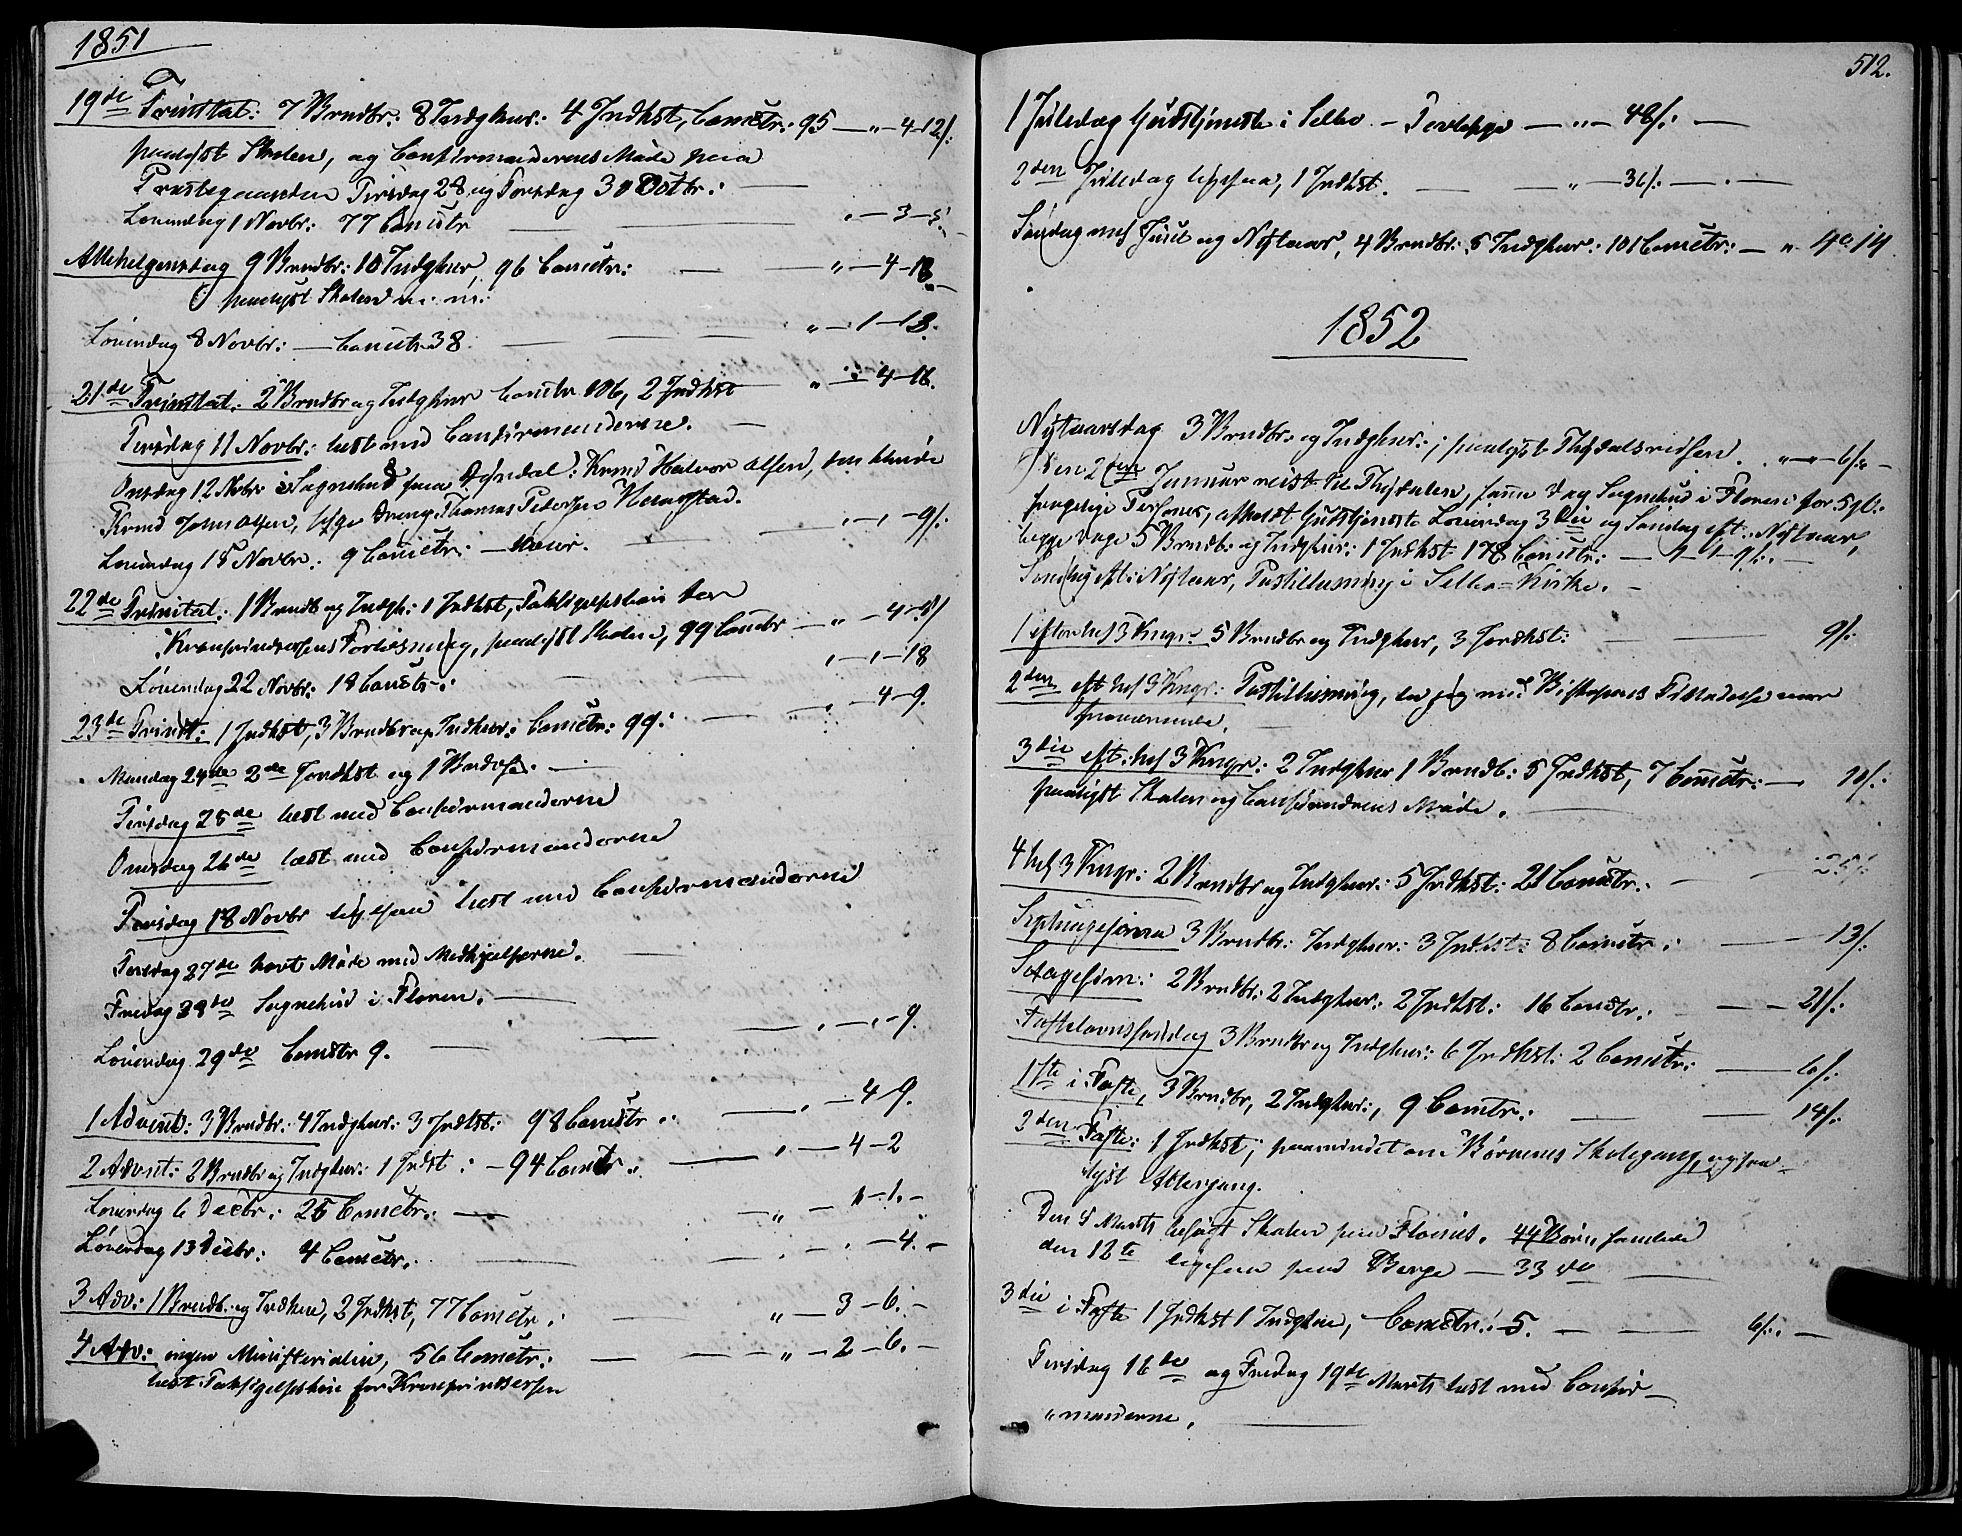 SAT, Ministerialprotokoller, klokkerbøker og fødselsregistre - Sør-Trøndelag, 695/L1145: Ministerialbok nr. 695A06 /1, 1843-1859, s. 512